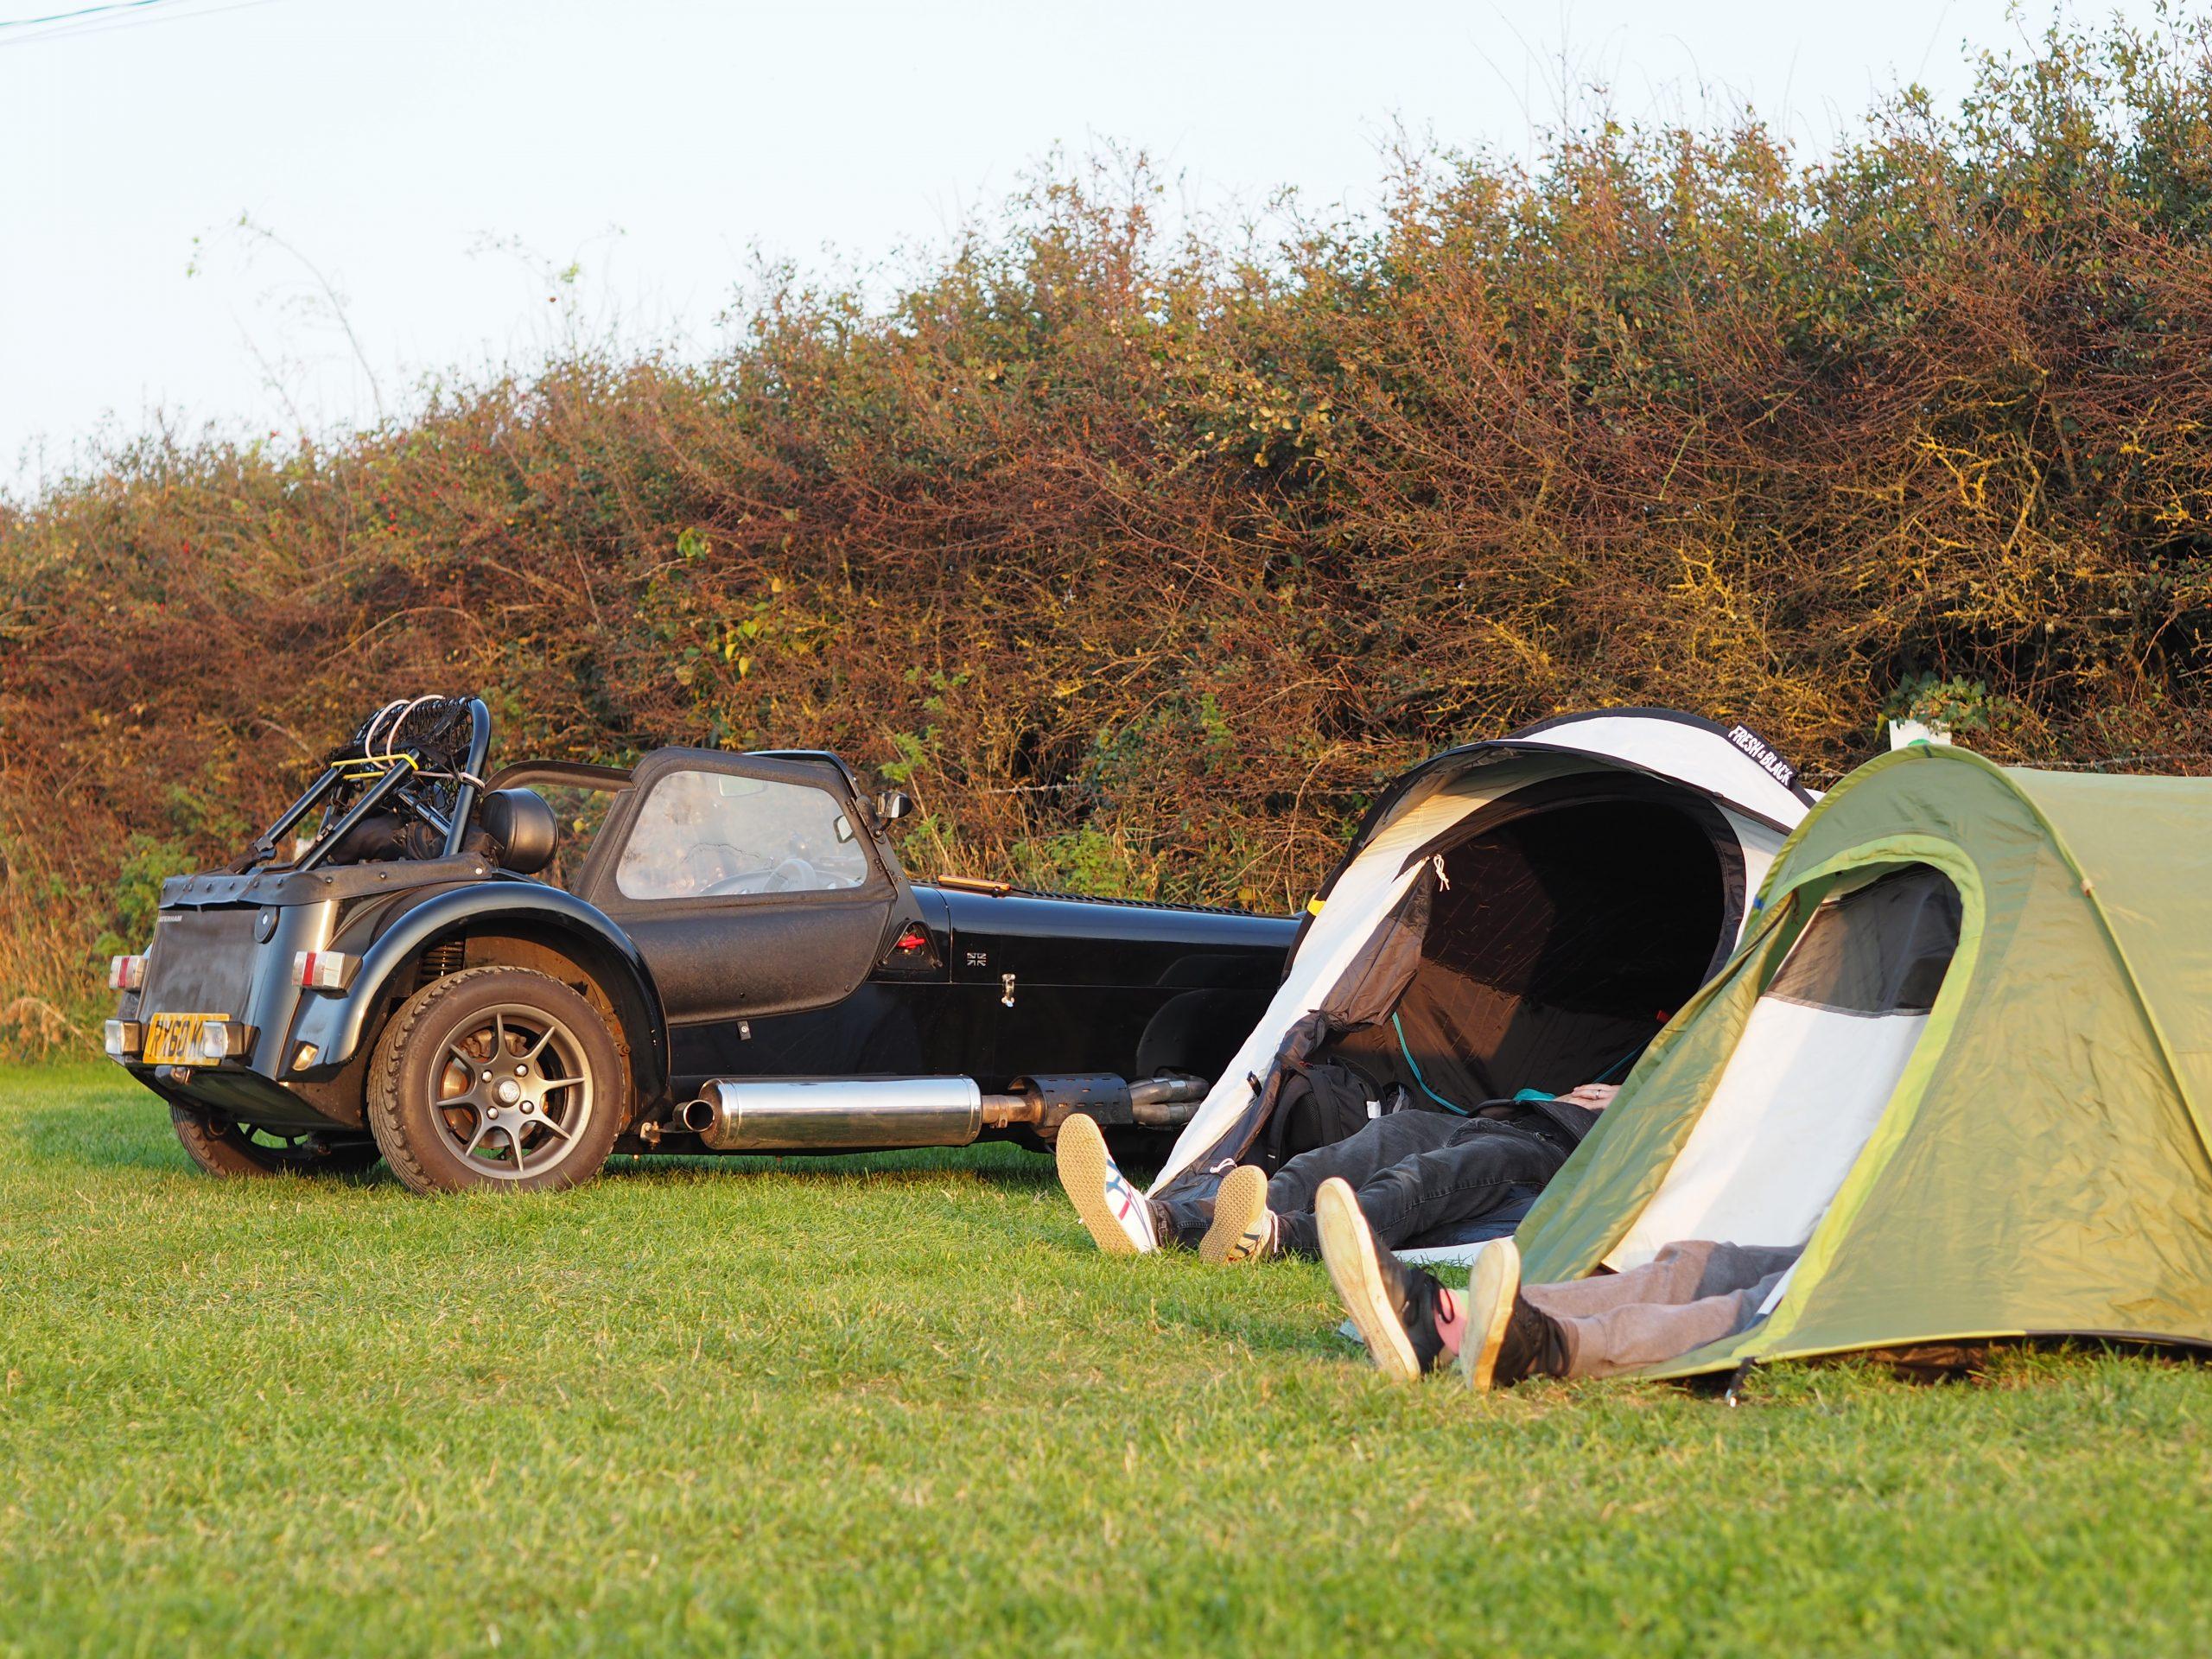 Caterham camping 1